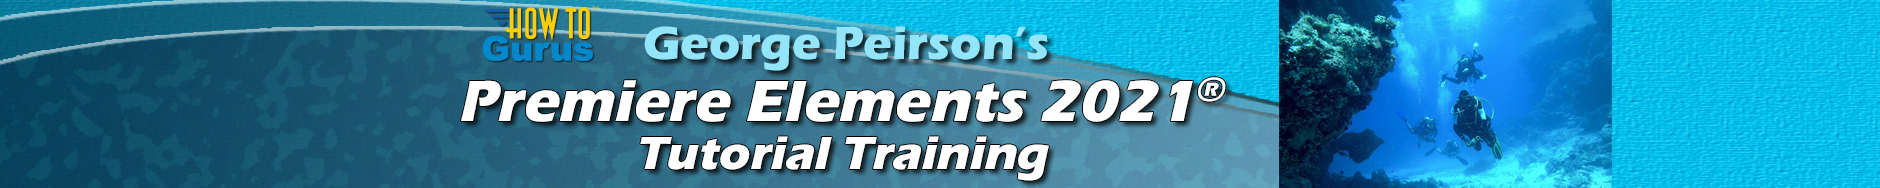 Premiere Elements 2021 Training